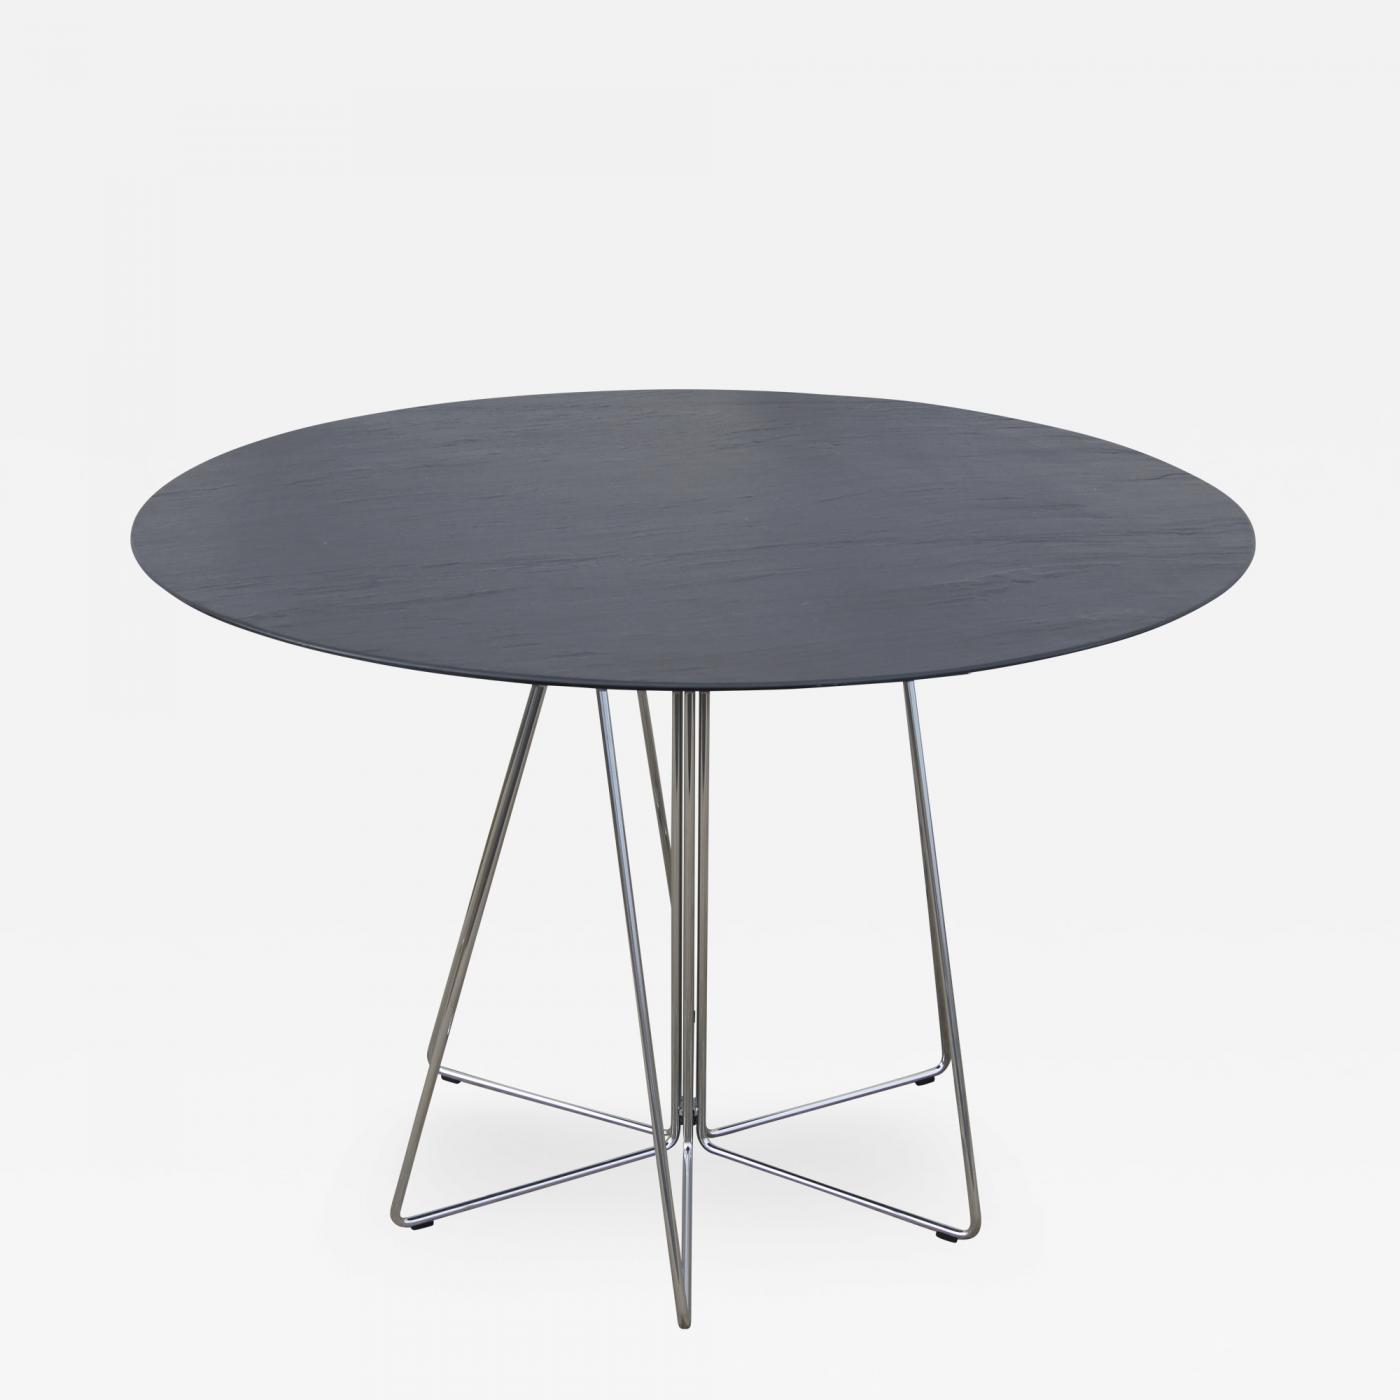 Massimo Vignelli PaperClip Table by Lella and Massimo Vignelli